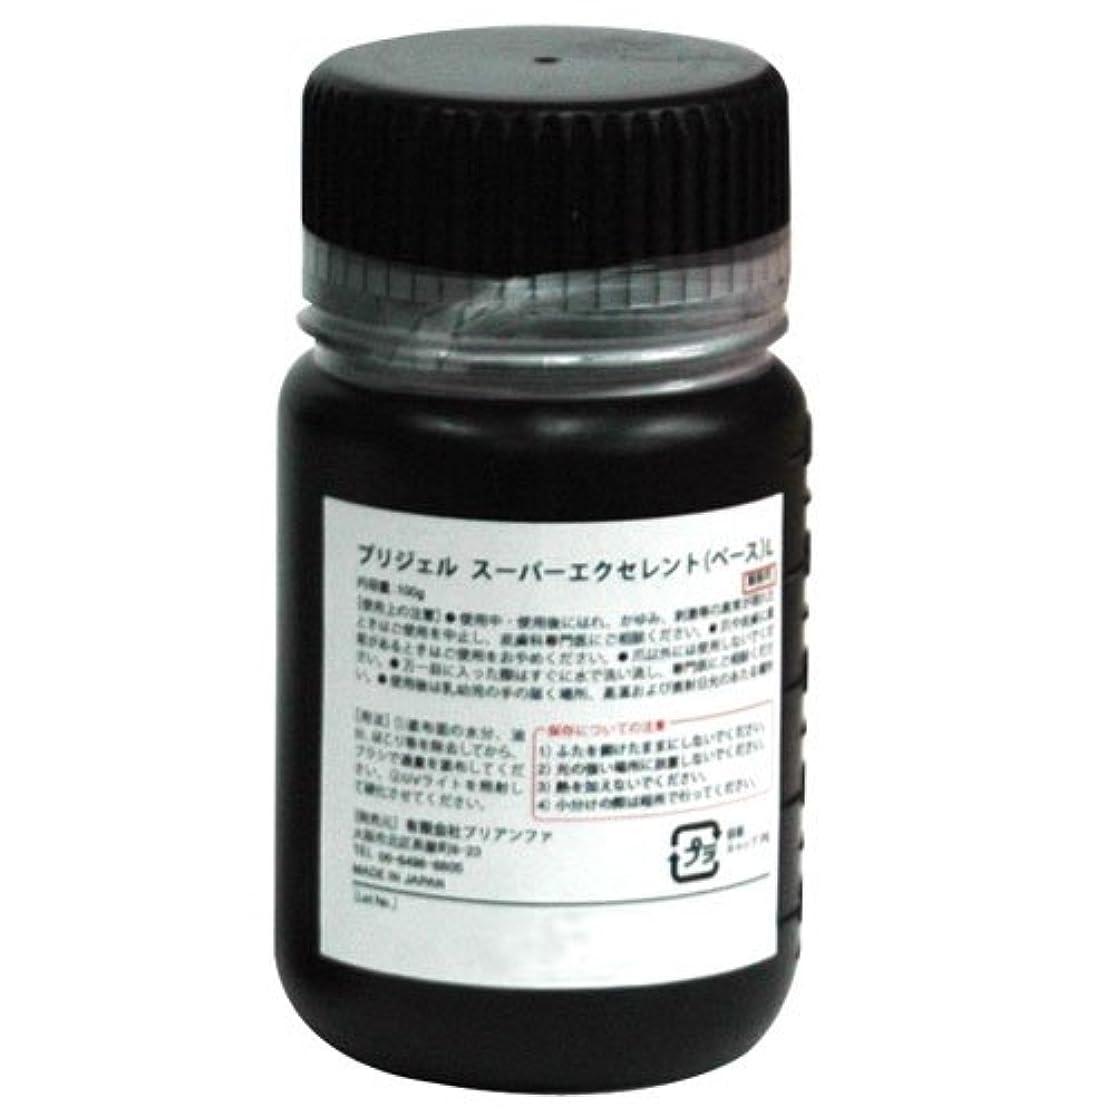 スカルク荷物絶え間ないプリジェル ジェルネイル スーパーエクセレントベース l 100g PG-0SE-100L